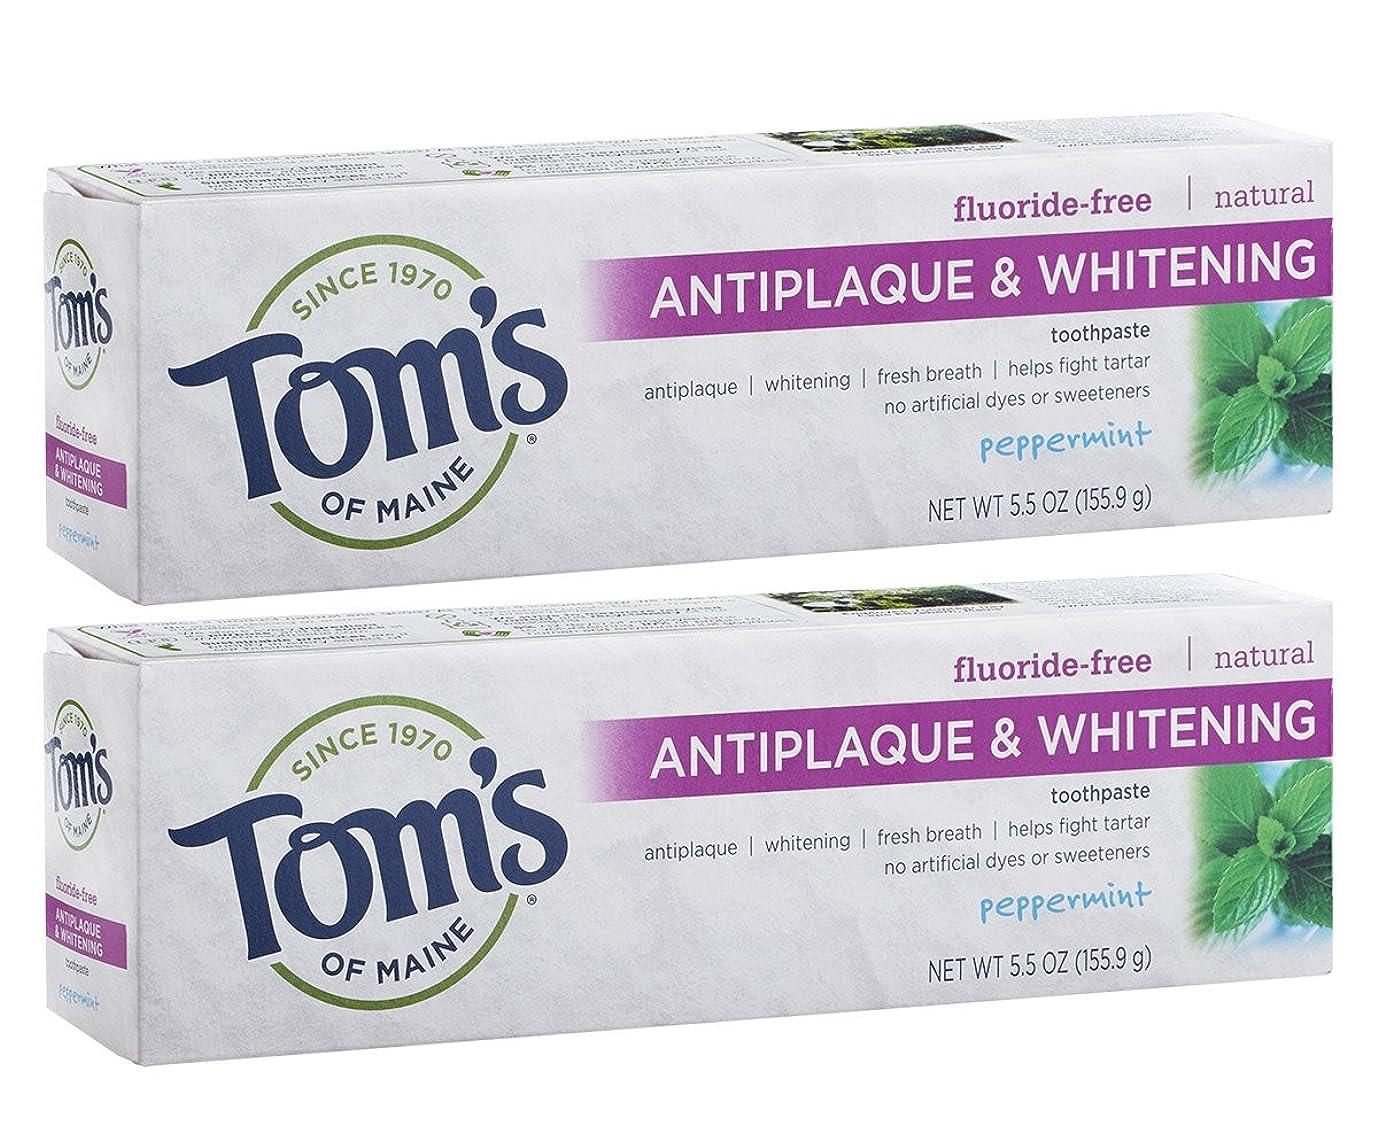 テレビスイメダリストTom's of Maine Antiplaque And Whitening Fluoride-Free Toothpaste, Peppermint, 5.5-Ounce by Tom's of Maine